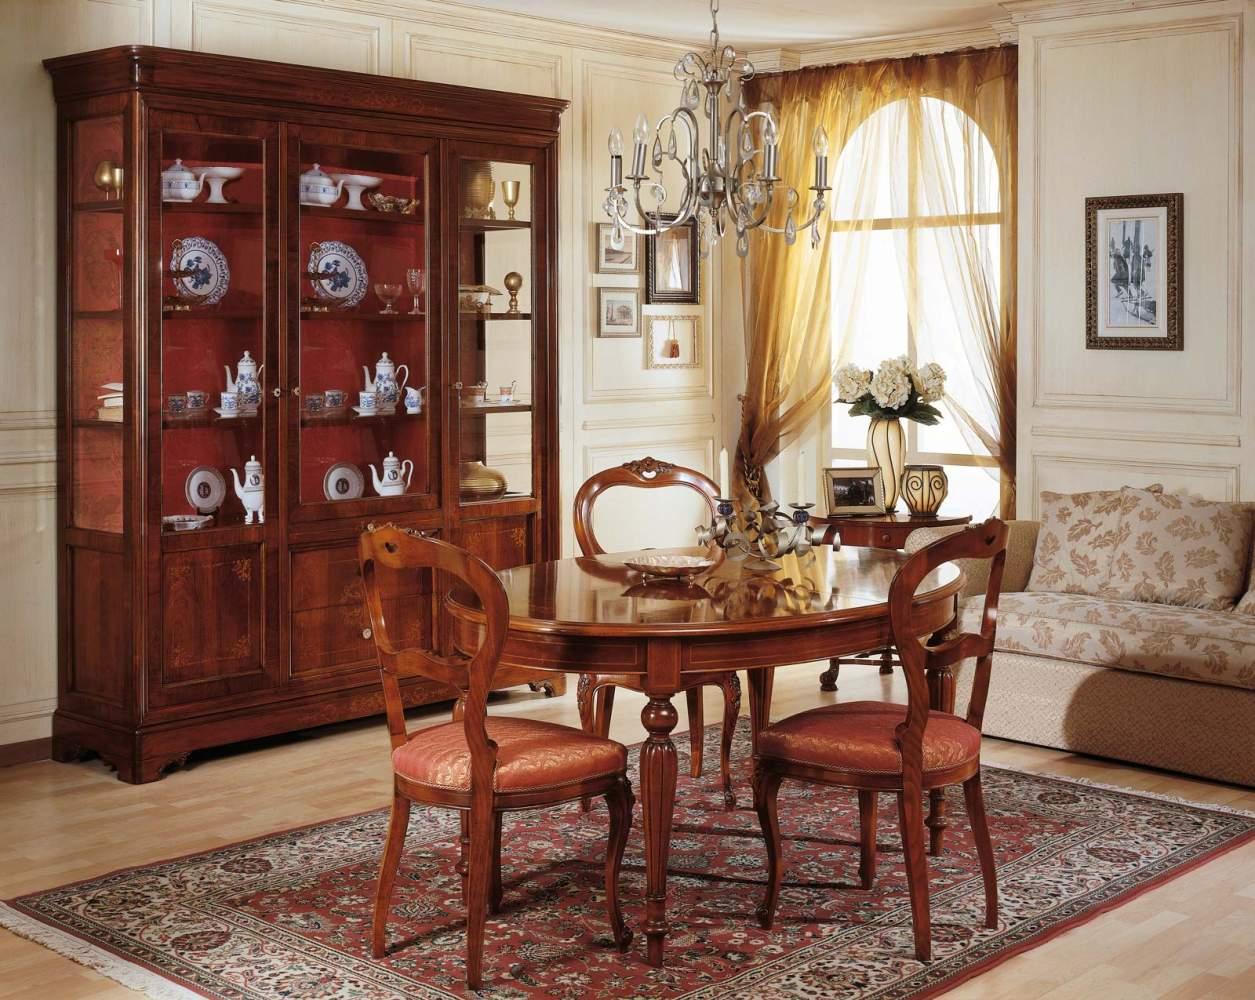 Sala da pranzo francese con tavolo ovale